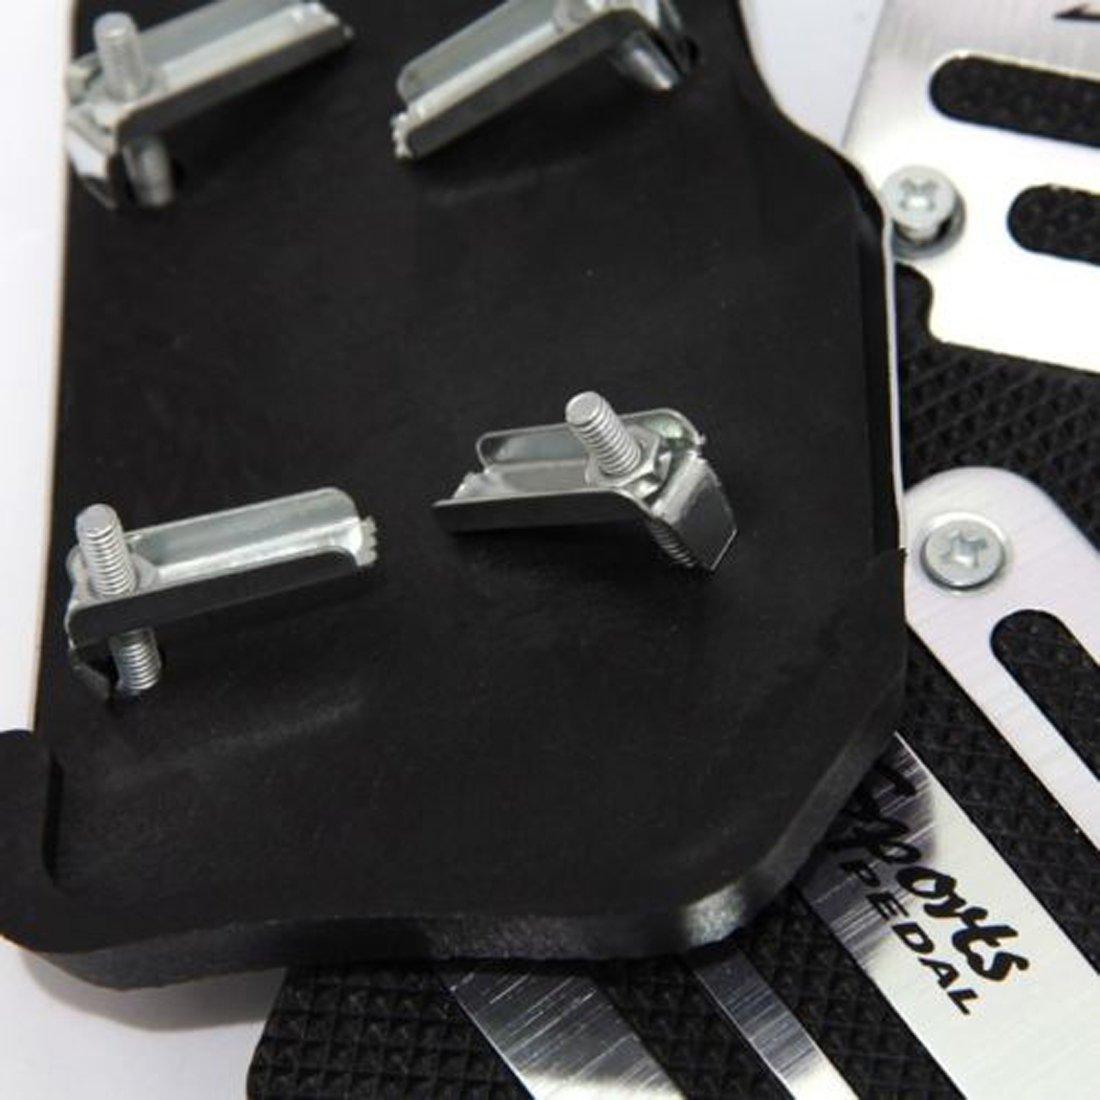 sourcing map 3 Piezas Plateada Negra Cubierta de Pedal de Embrague de Freno de Coche: Amazon.es: Coche y moto